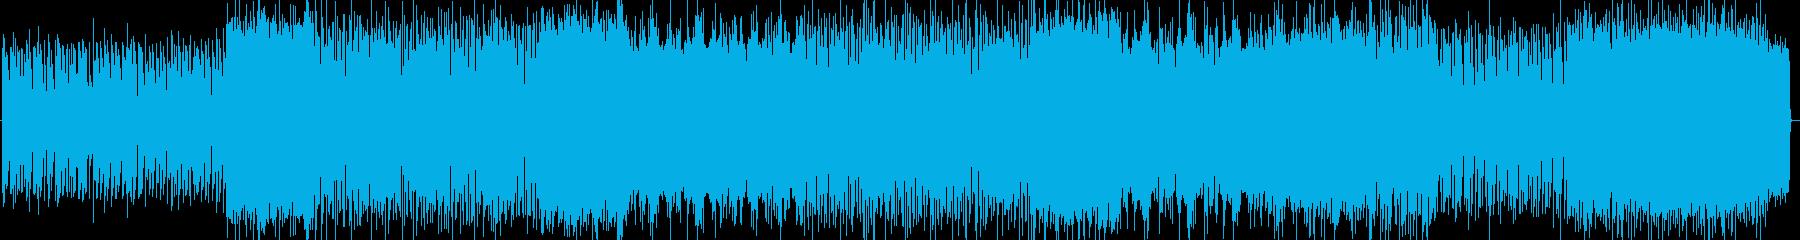 民族音楽 エレクトロニカの再生済みの波形